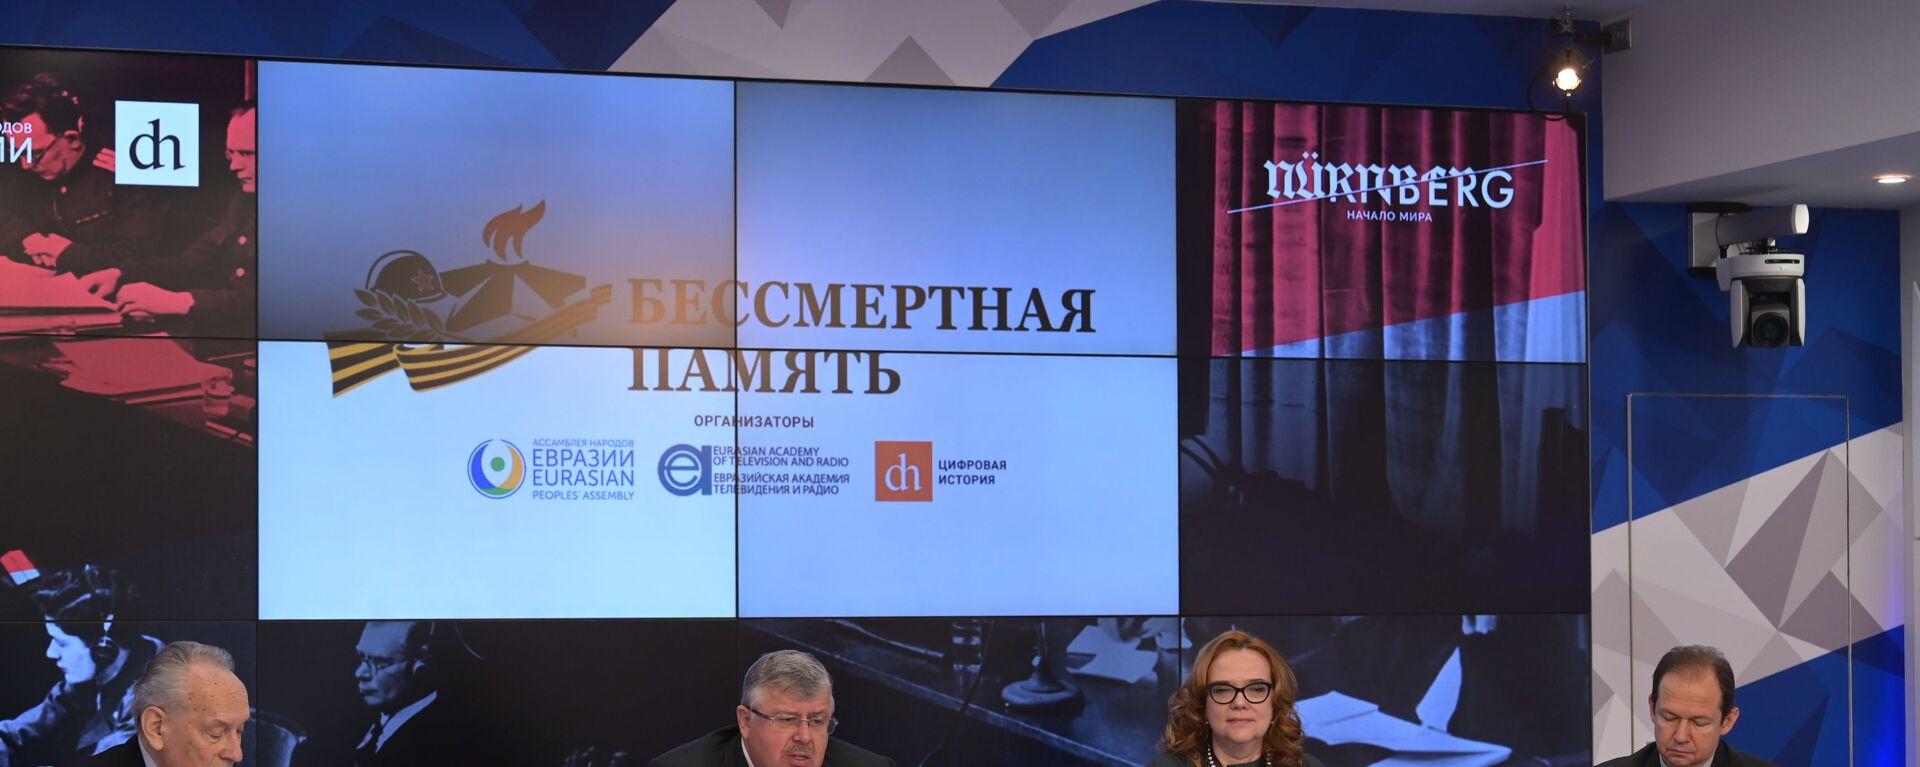 """პროექტ """"უკვდავი მახსოვრობის"""" პრეზენტაცია - Sputnik საქართველო, 1920, 25.02.2021"""